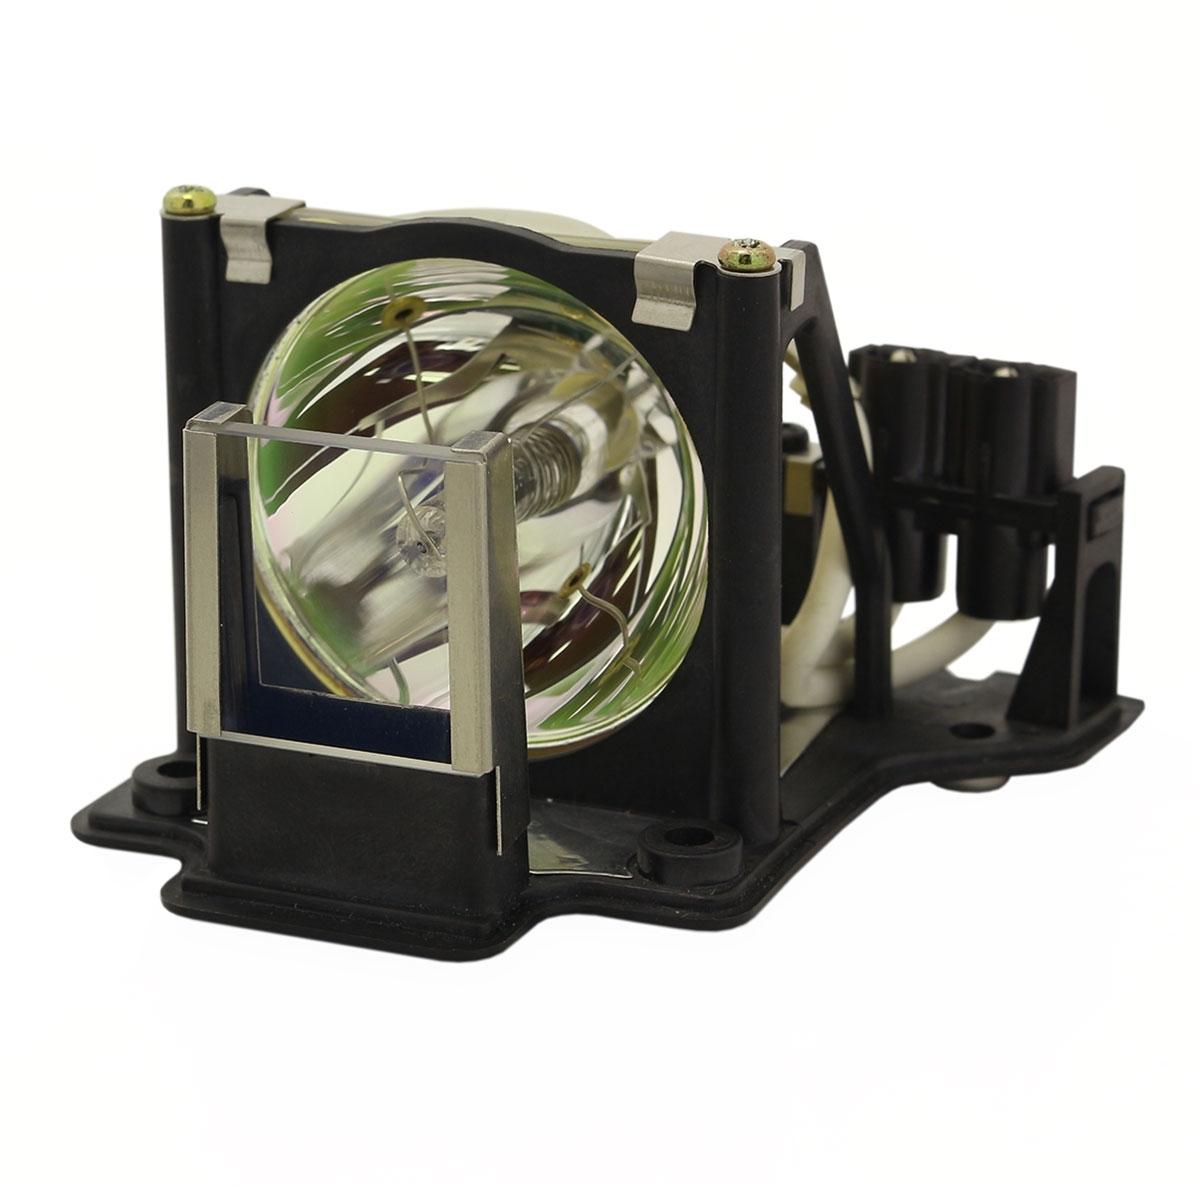 Yokogawa D 1200x Projector Lamp Module